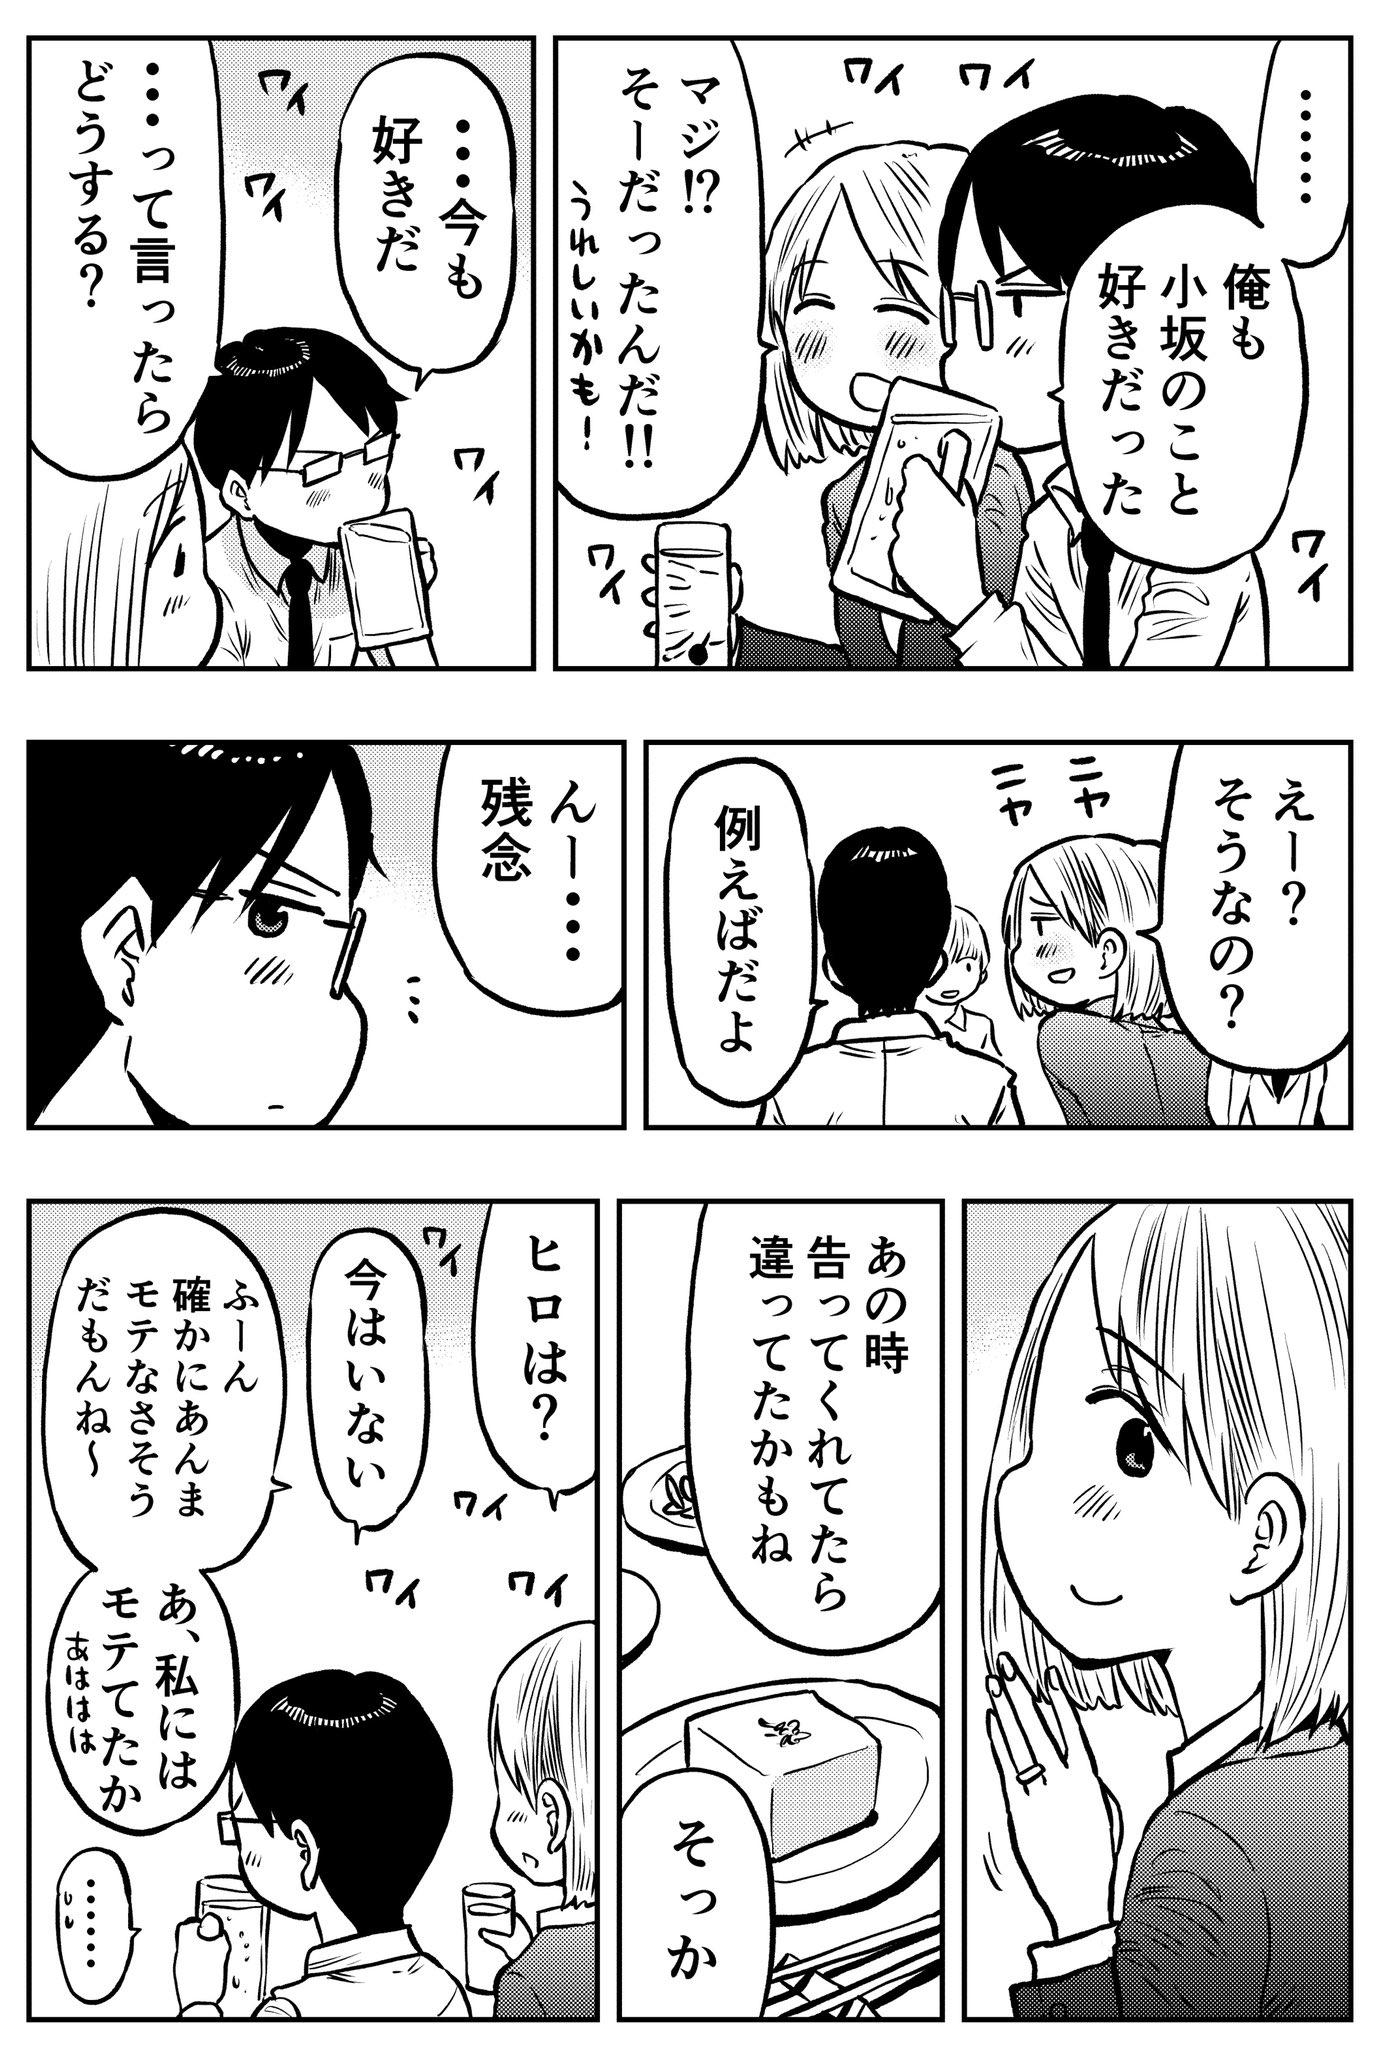 同窓会02